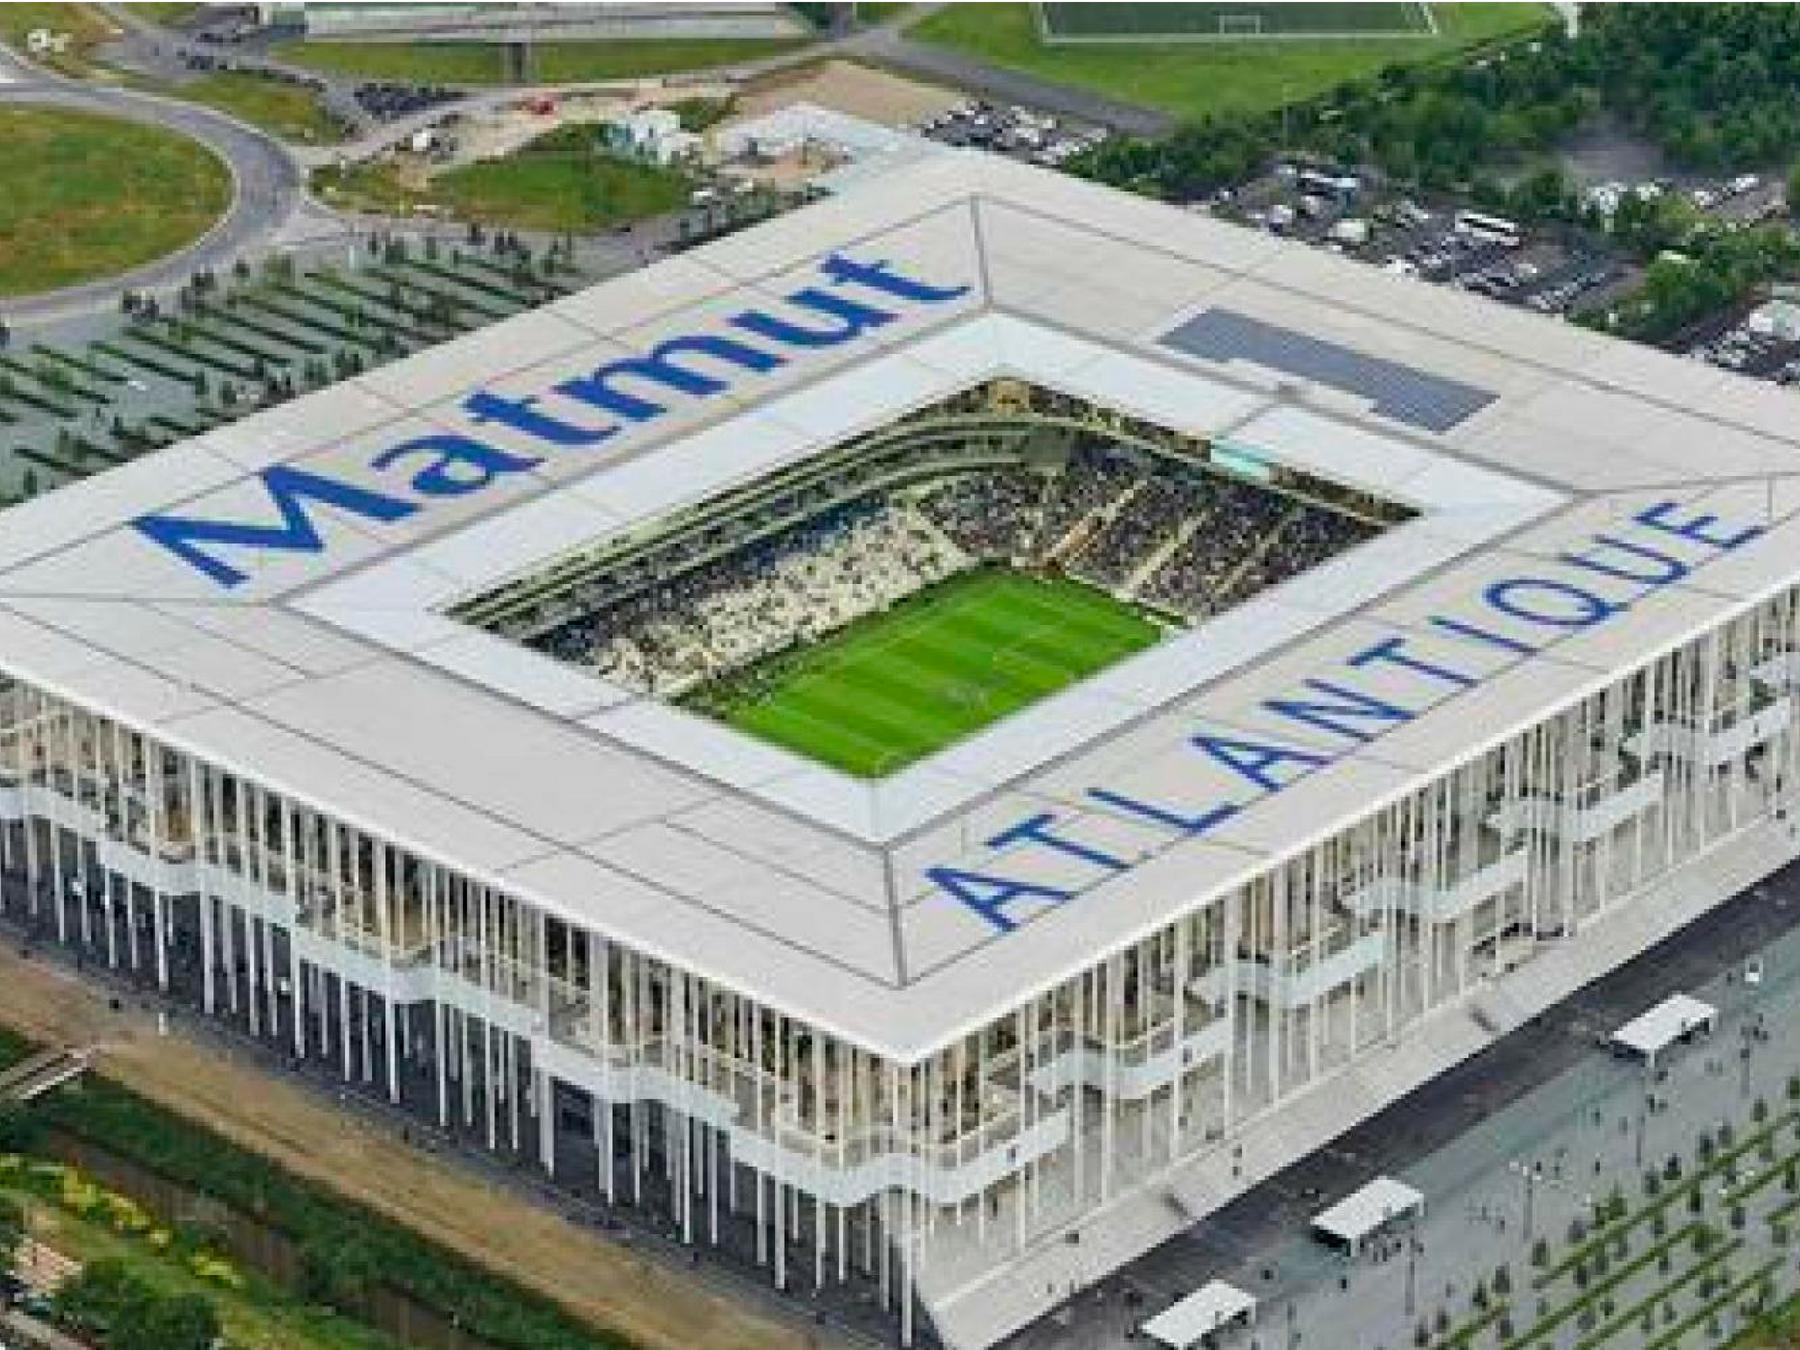 estádios-mais-legais-do-mundo-Calendário-da-copa-bordeaux Os 20 estádios mais legais do mundo Calendário Copa 2018